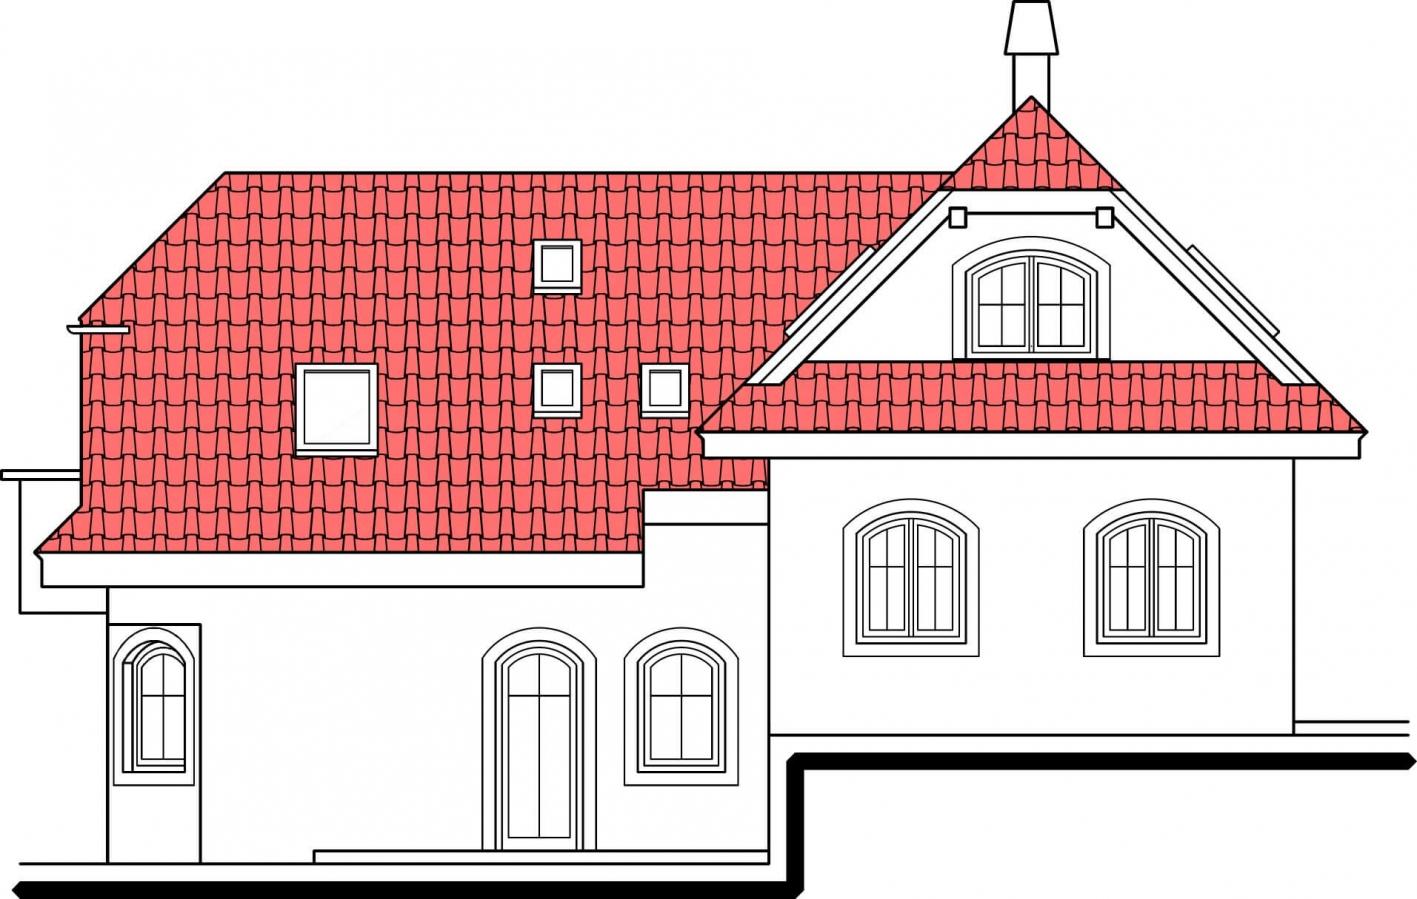 Pohľad 4. - Výškovo posunuté trakty rodinného domu s izbou na prízemí.